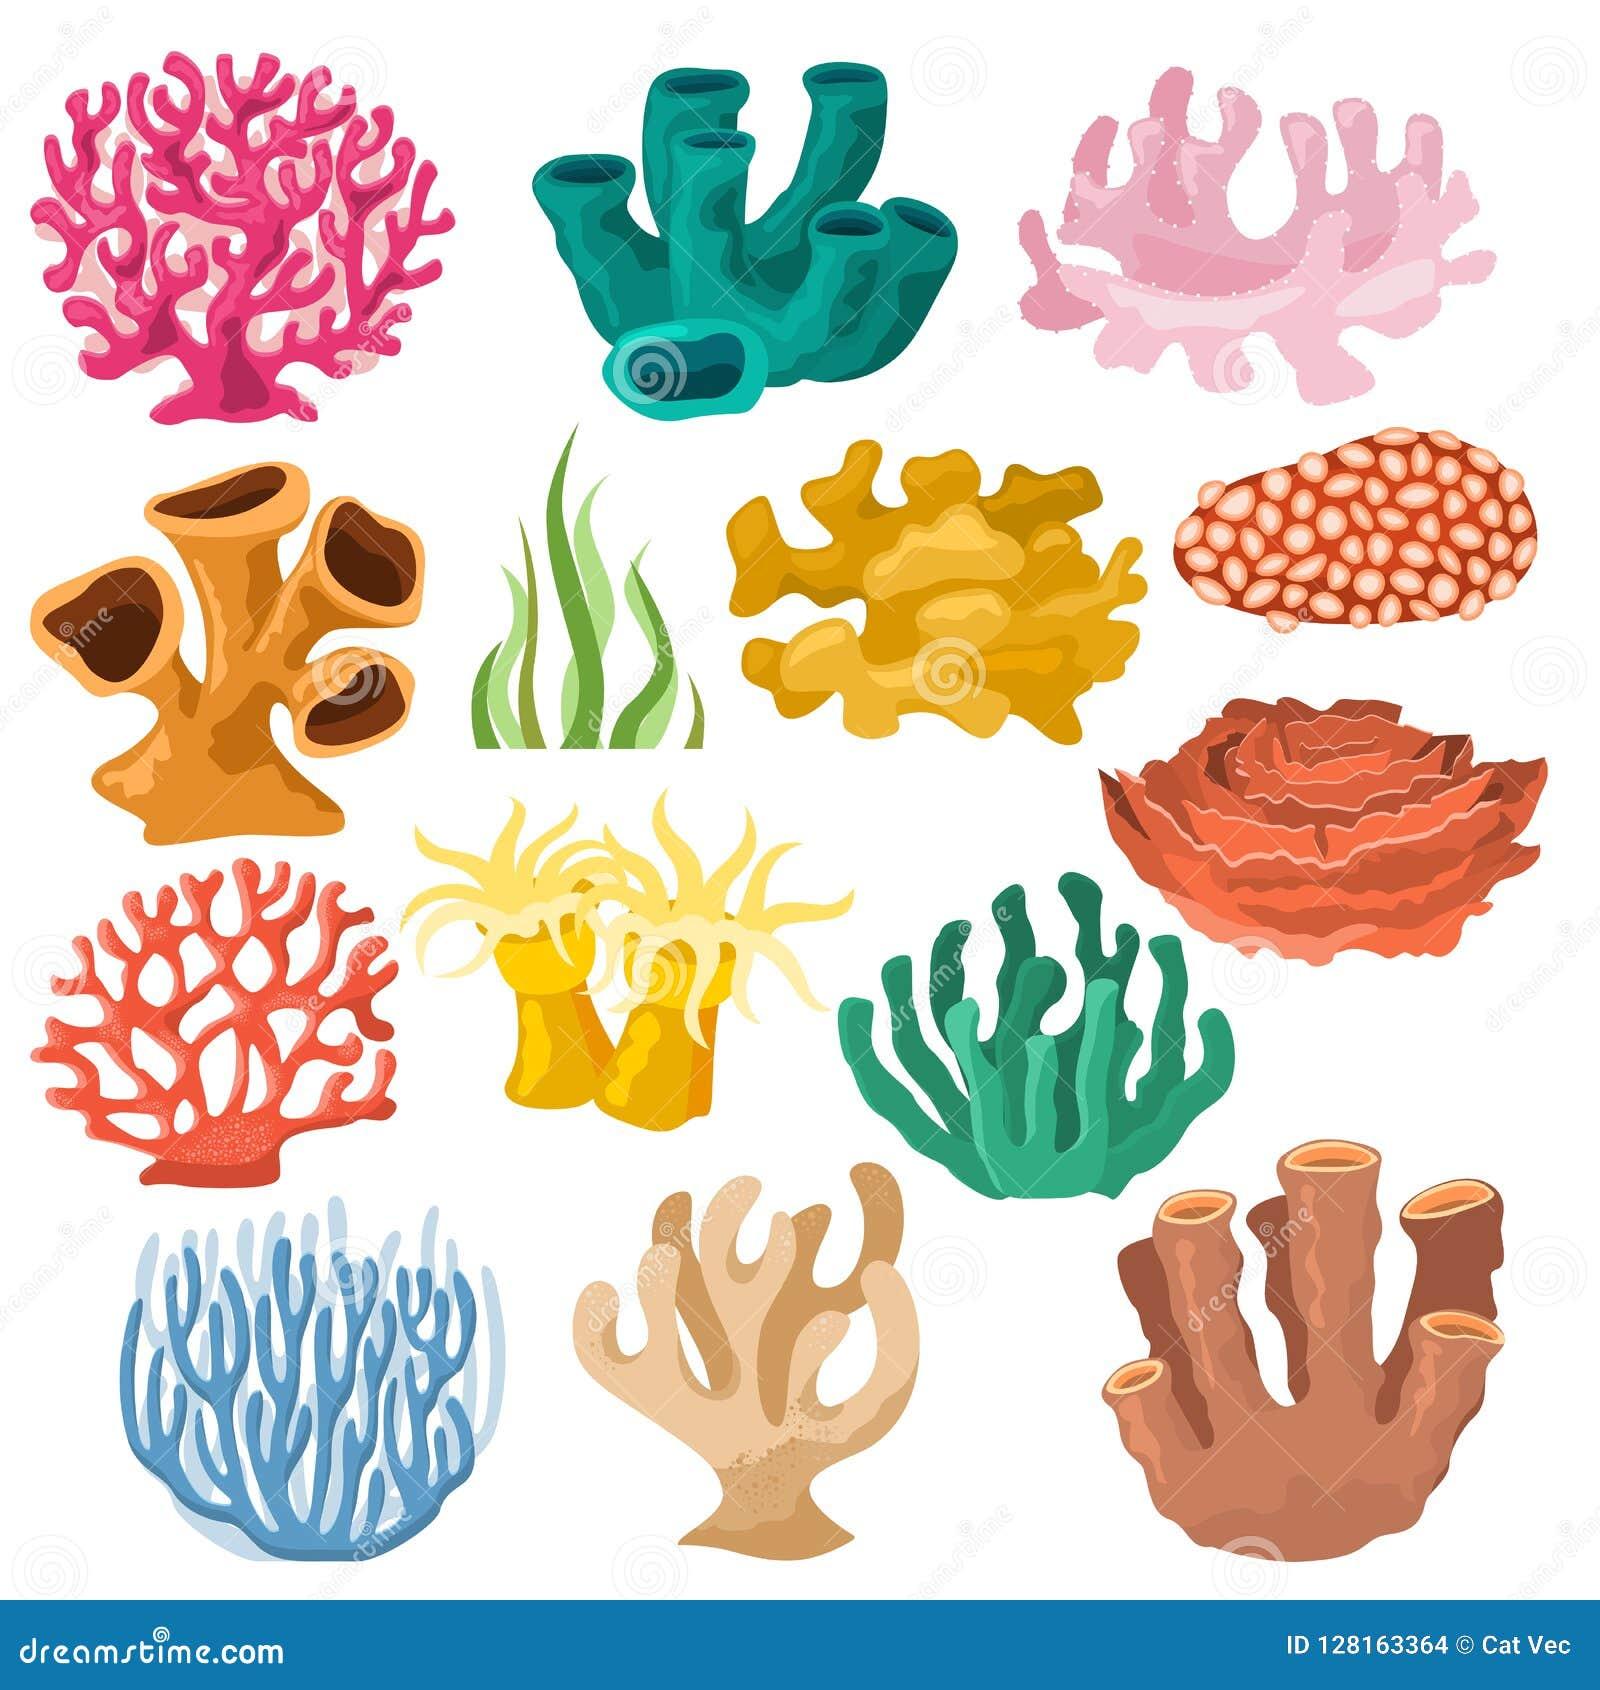 Koraal de vector van de overzeese koraalachtige of exotische coralloidal reeks cooralreef onderzeese illustratie van natuurlijke